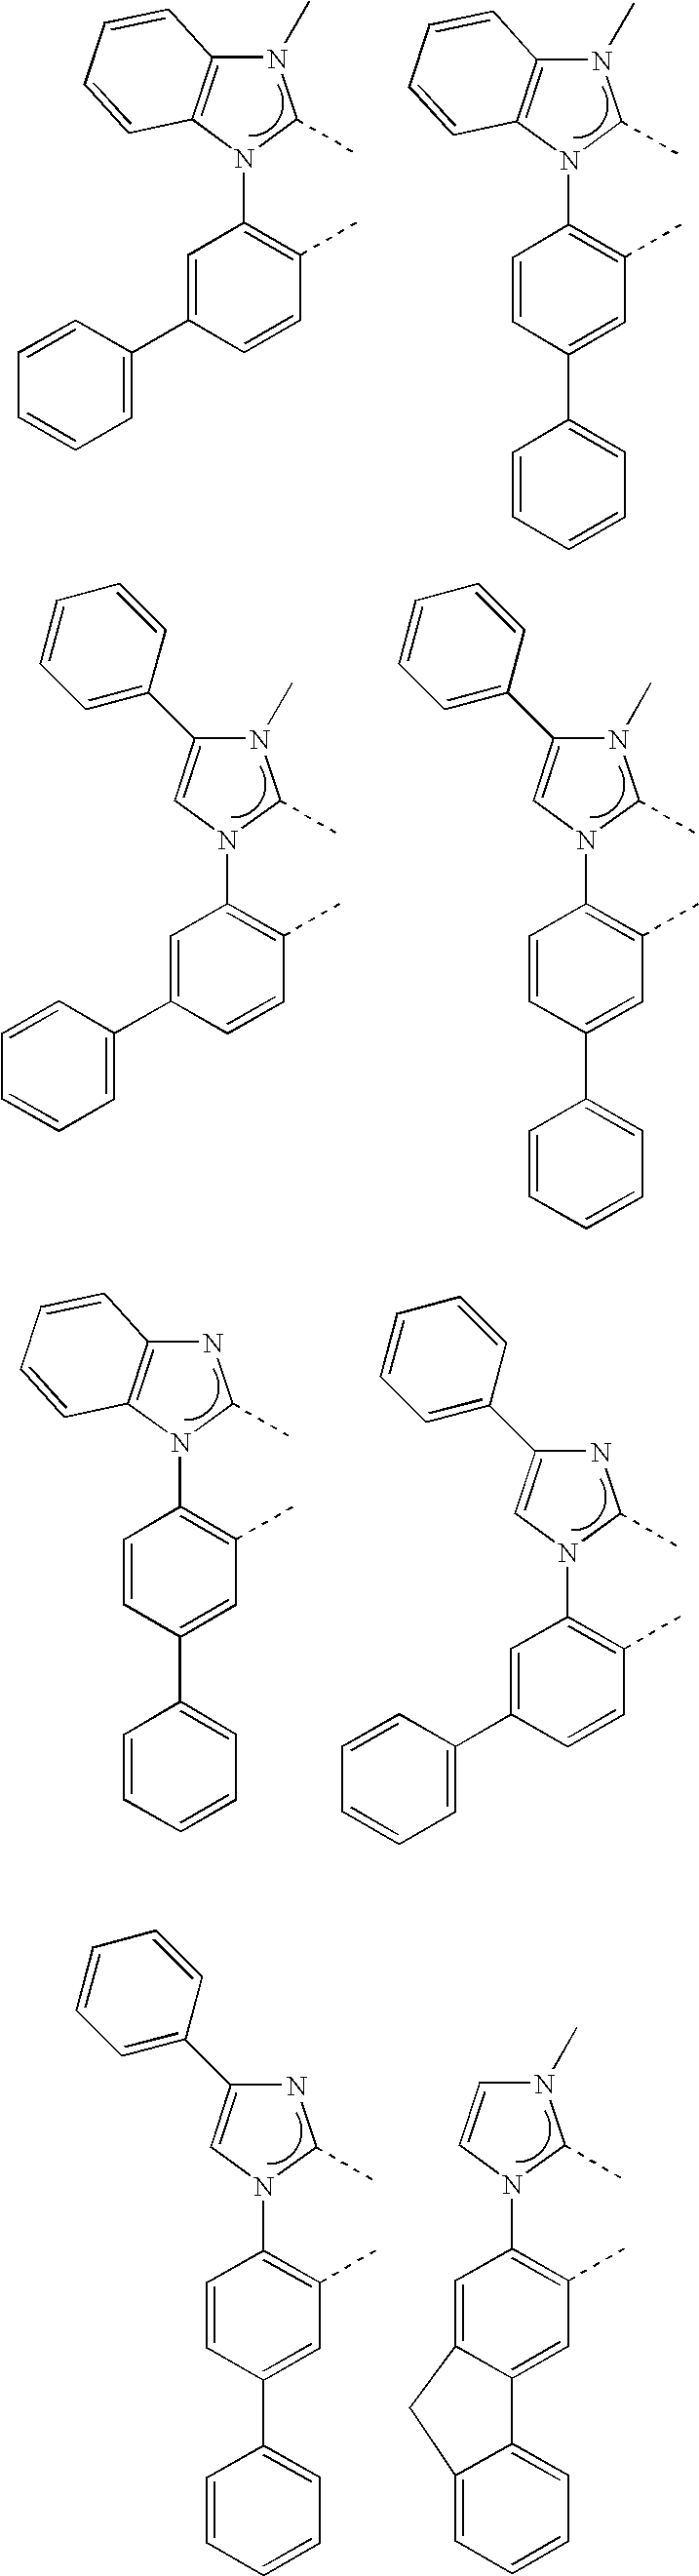 Figure US20050260441A1-20051124-C00033